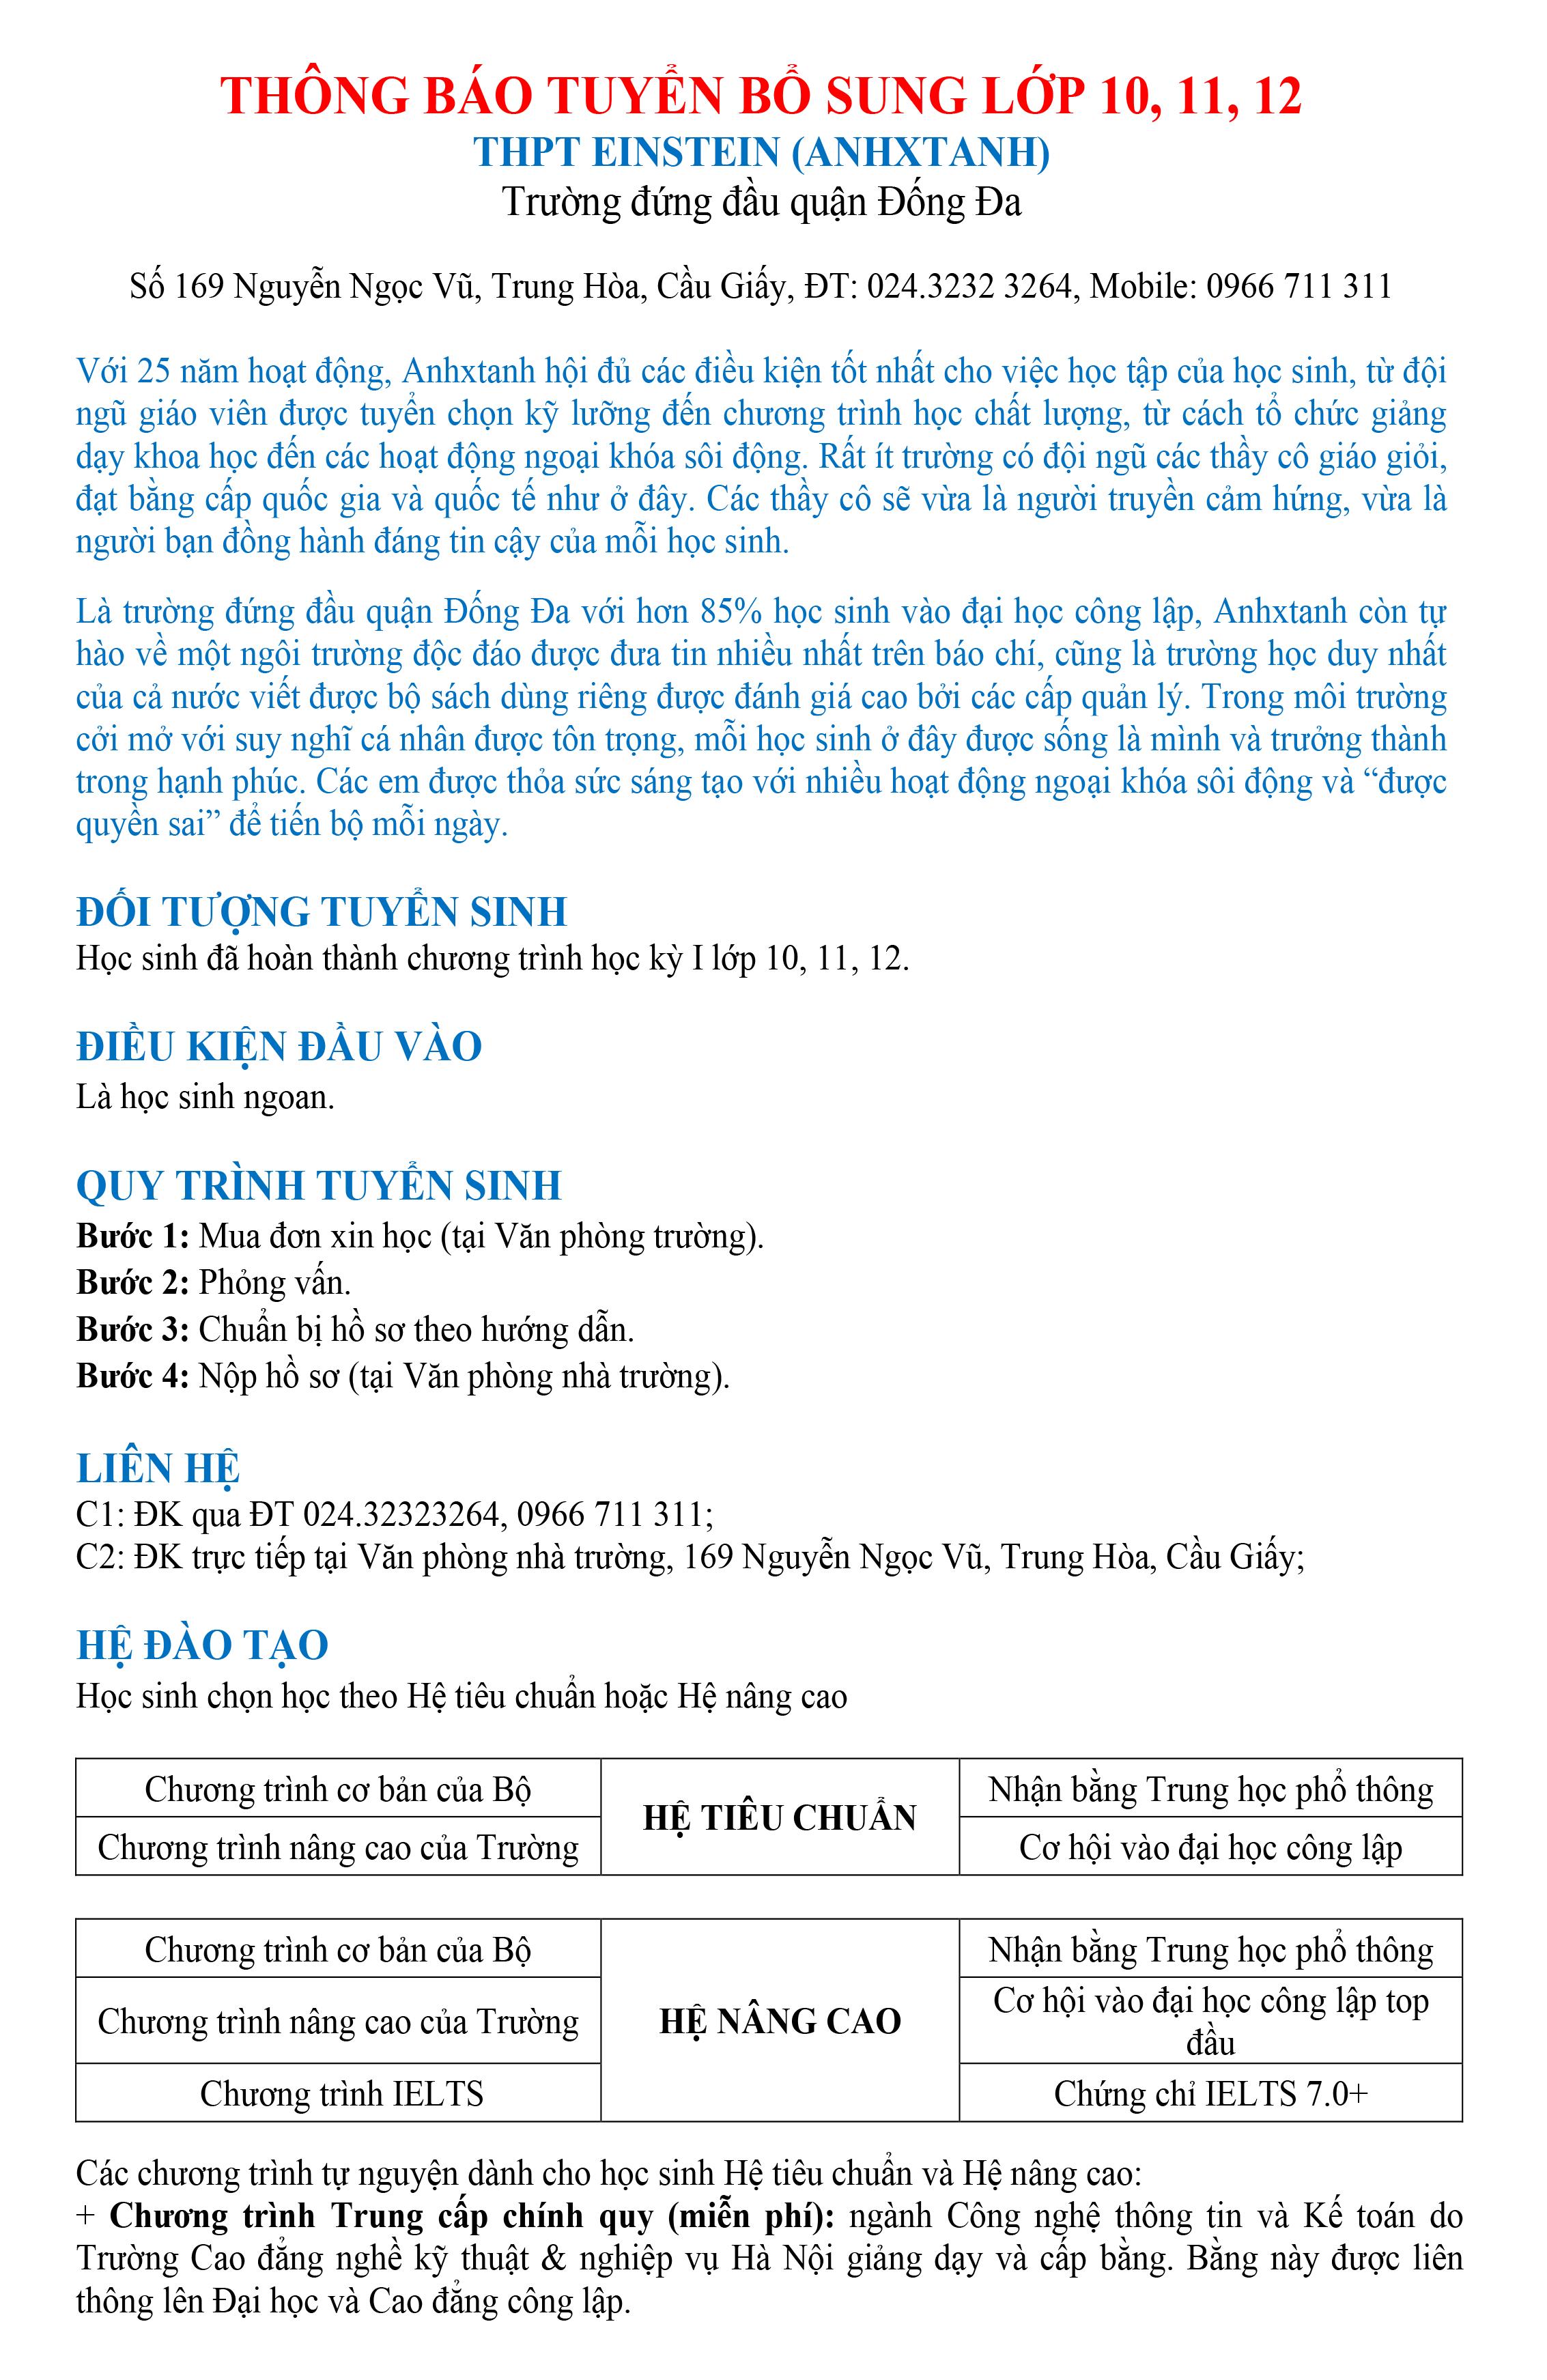 1. Thông báo TS - Bổ sung lớp 10, 11,12-1